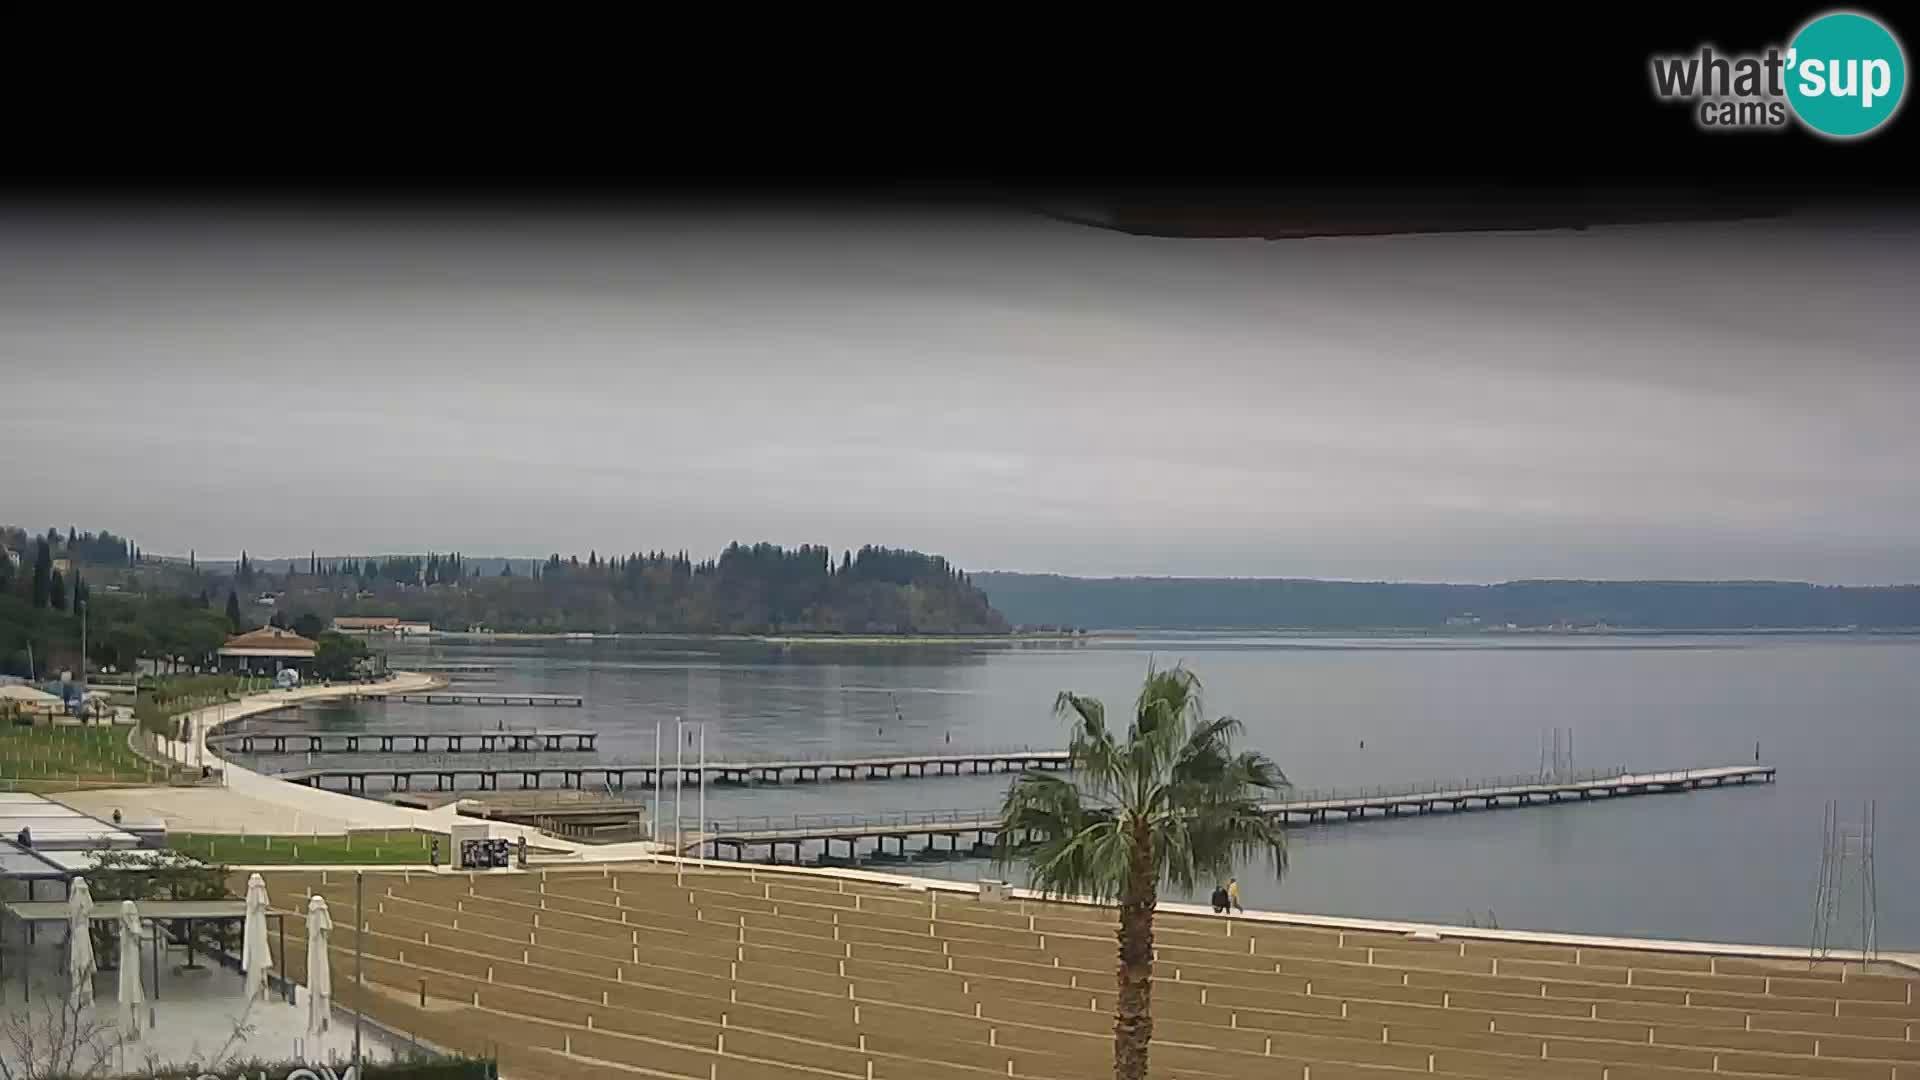 Spiaggia di Portorose live webcam